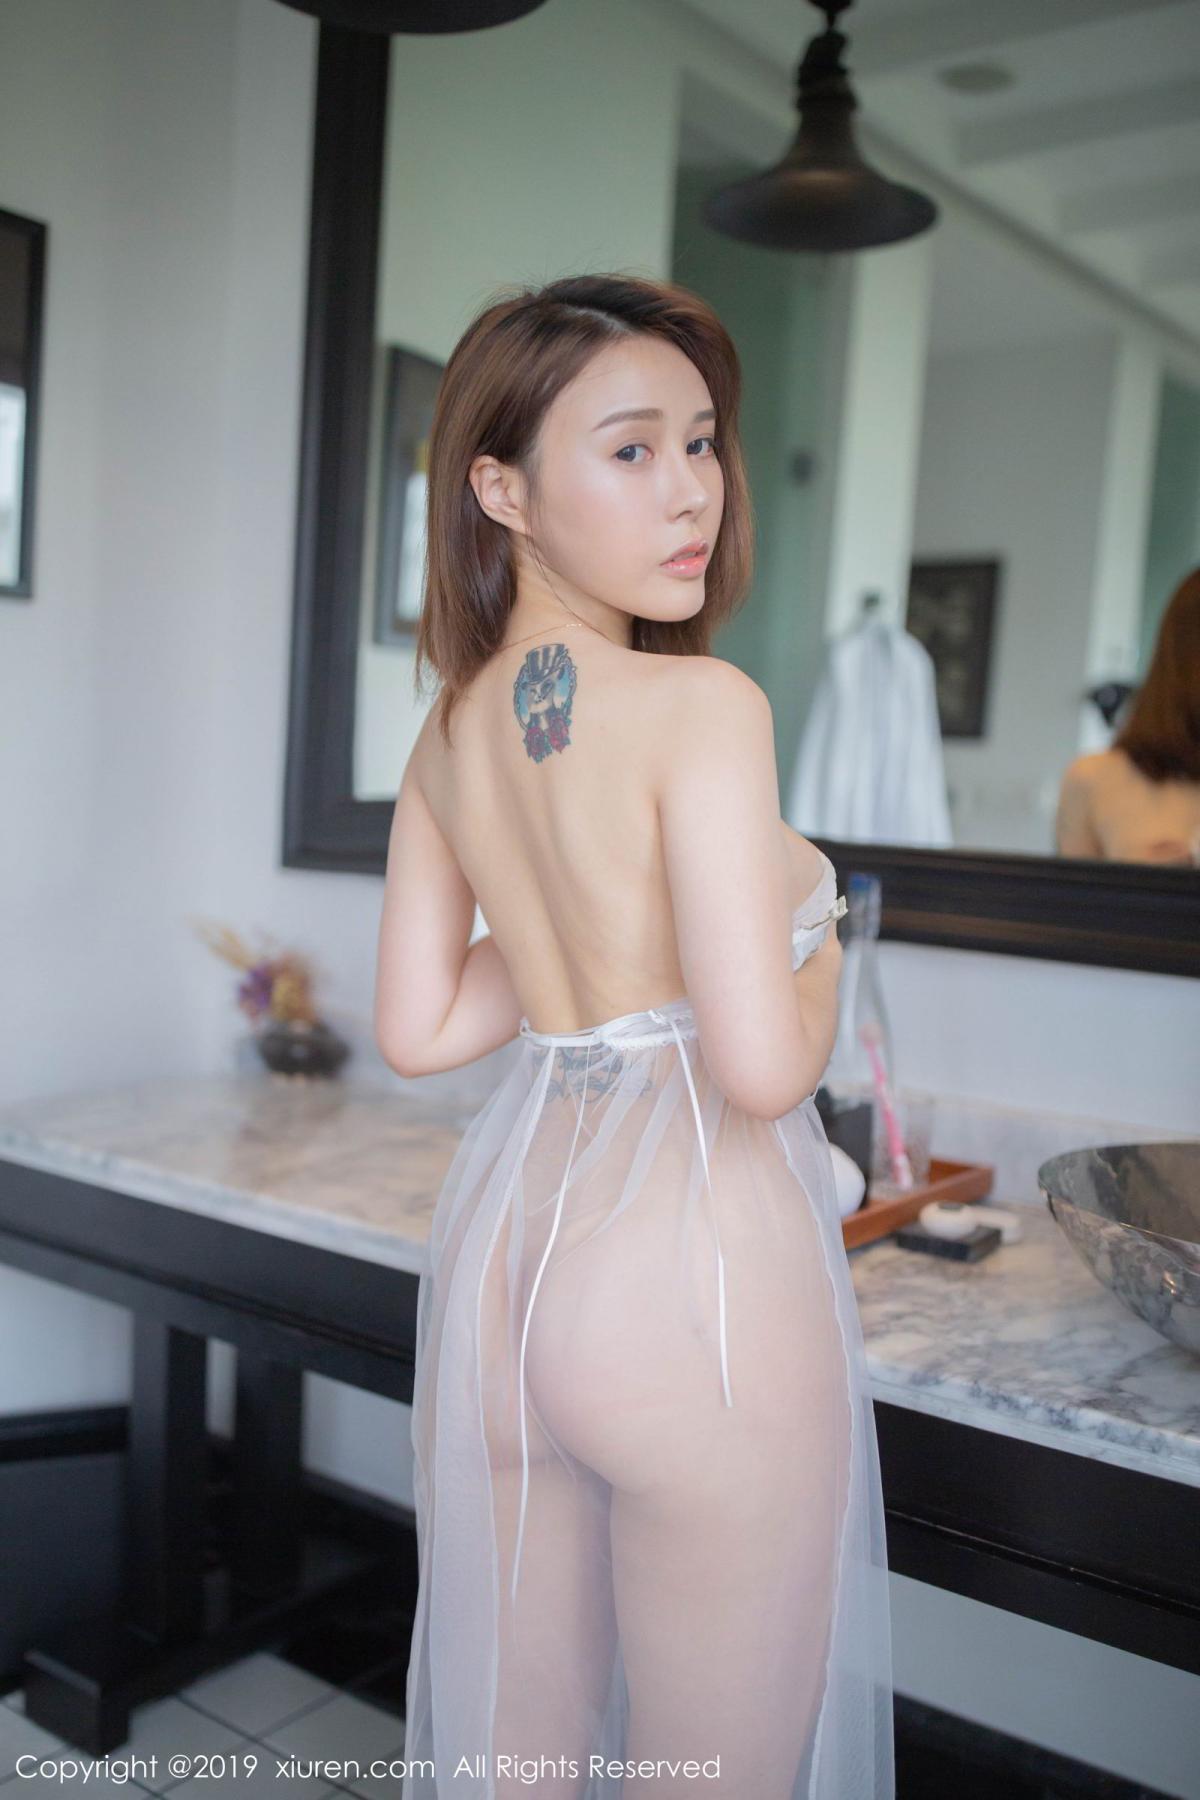 [XiuRen] Vol.1514 Evelyn Ai Li 29P, Adult, Evelyn Ai Li, Underwear, Xiuren